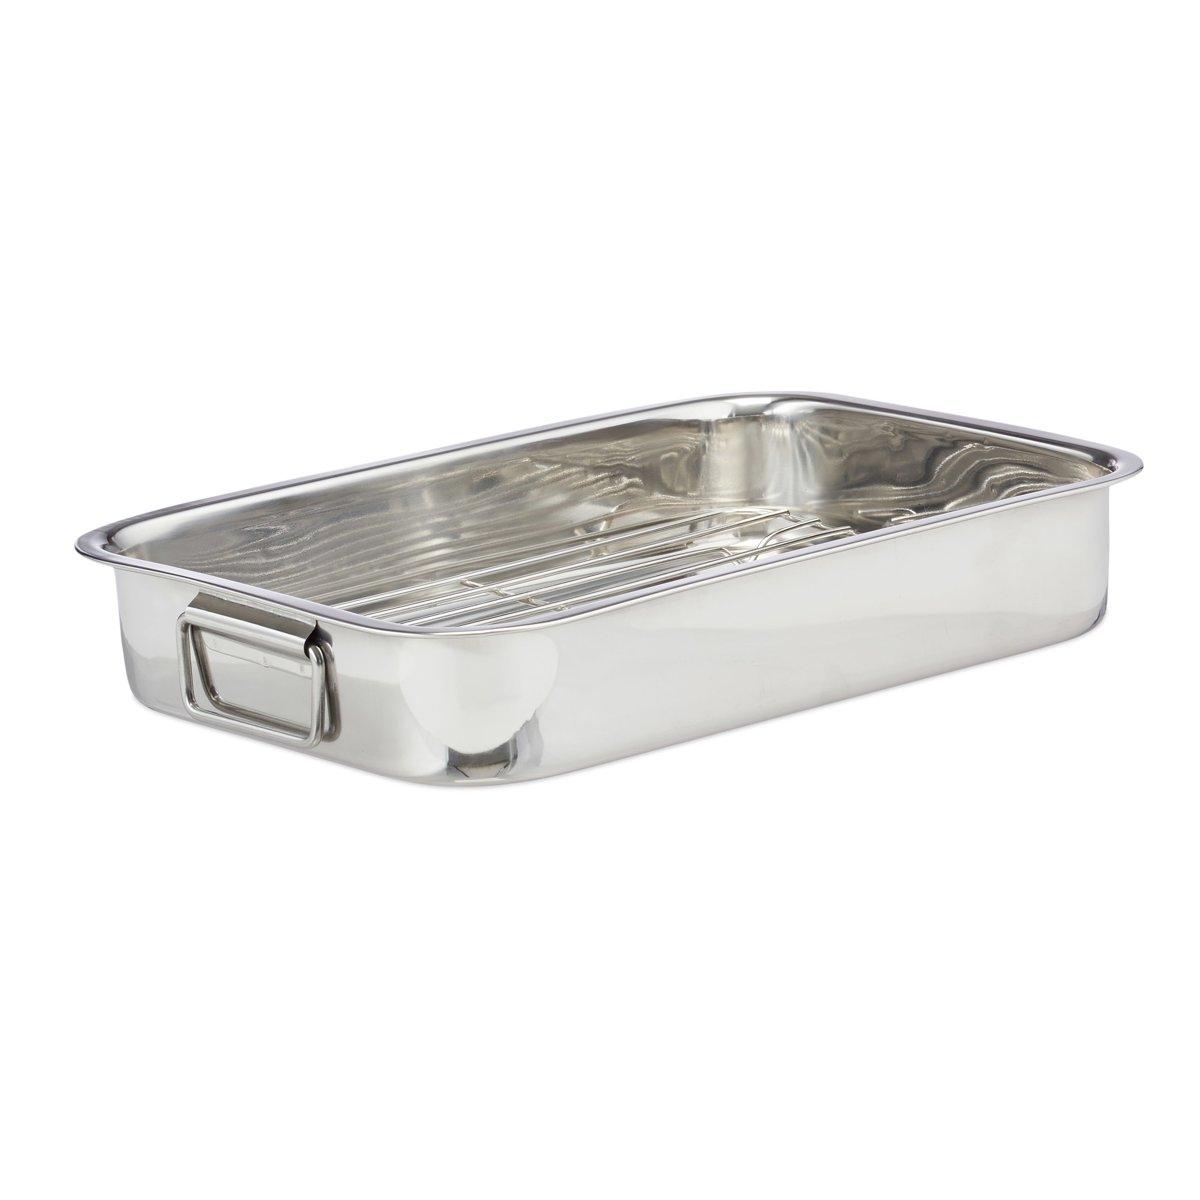 relaxdays braadslede met rooster - edelstaal - ovenschaal - braadpan - braadslee - zilver XL kopen